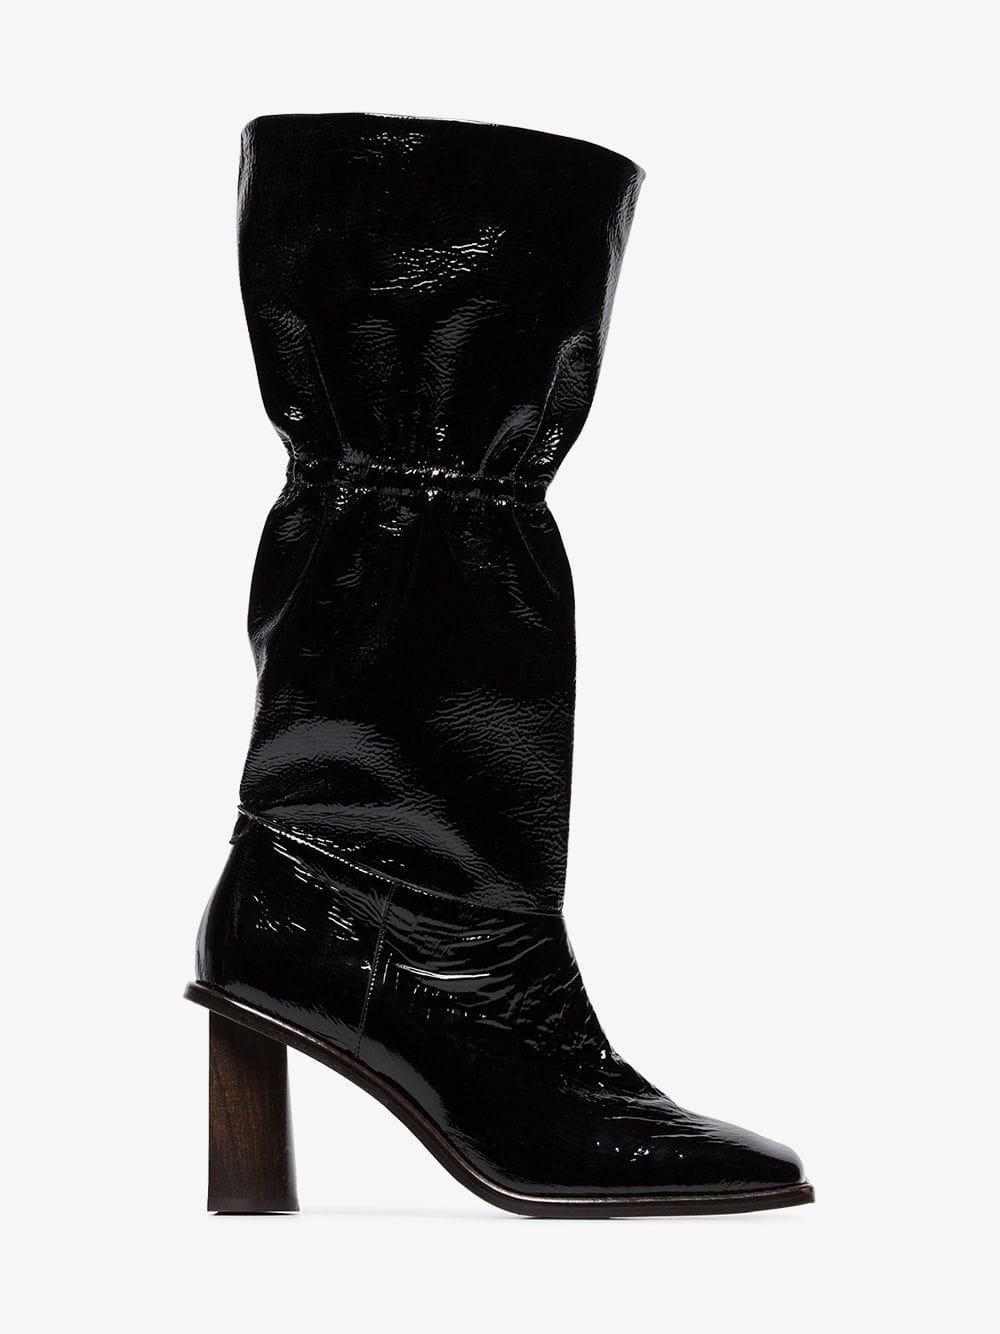 Rejina Pyo Rina 70 goat skin boots in black